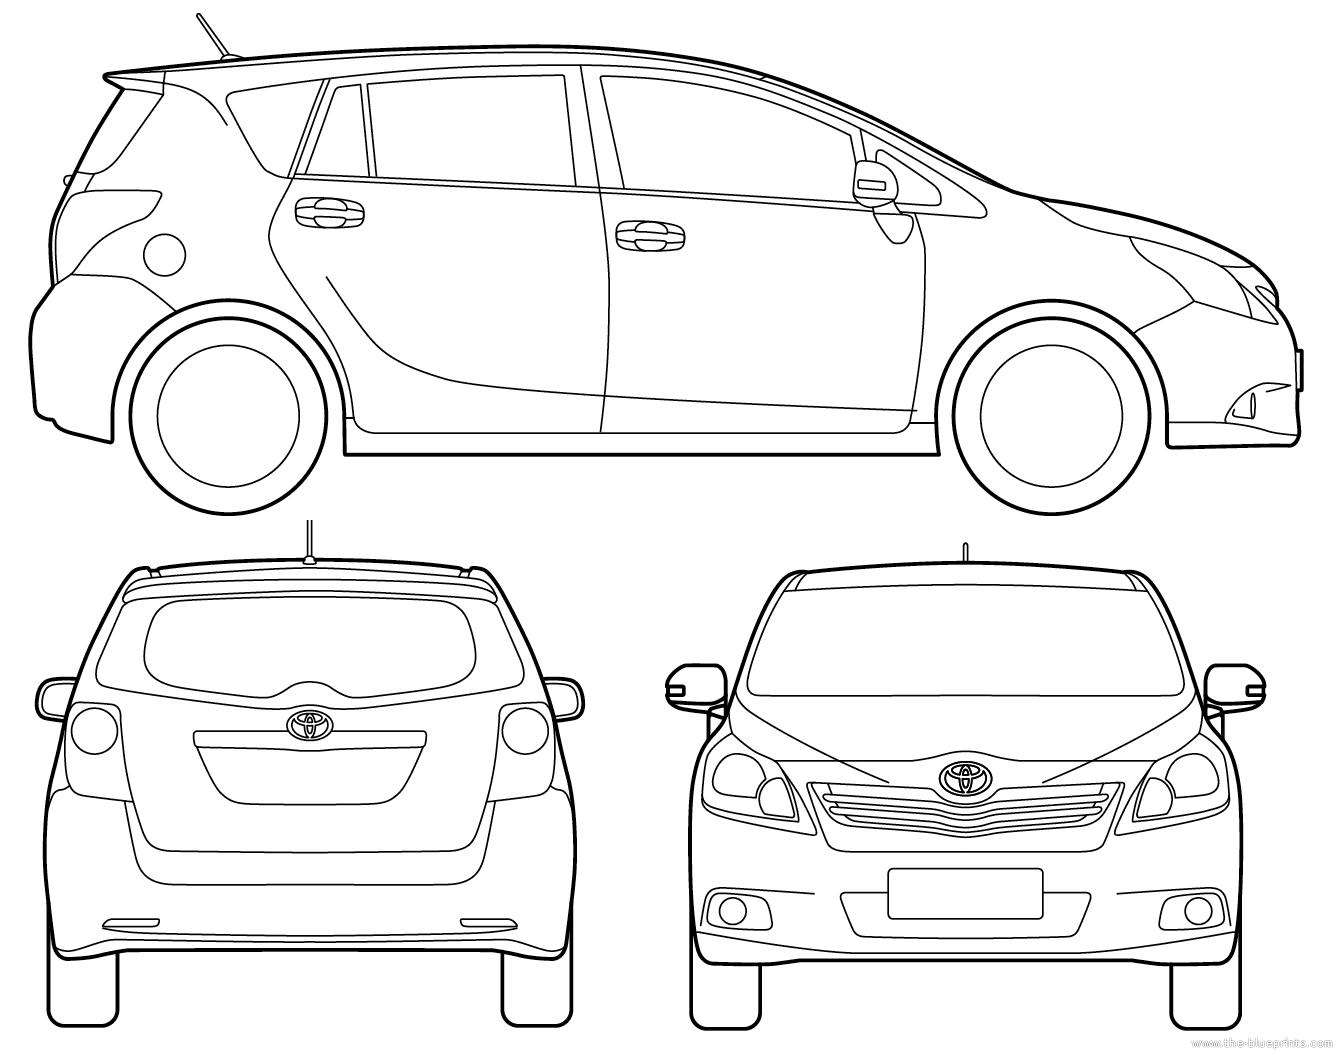 Blueprints > Cars > Toyota > Toyota EZ (2015)